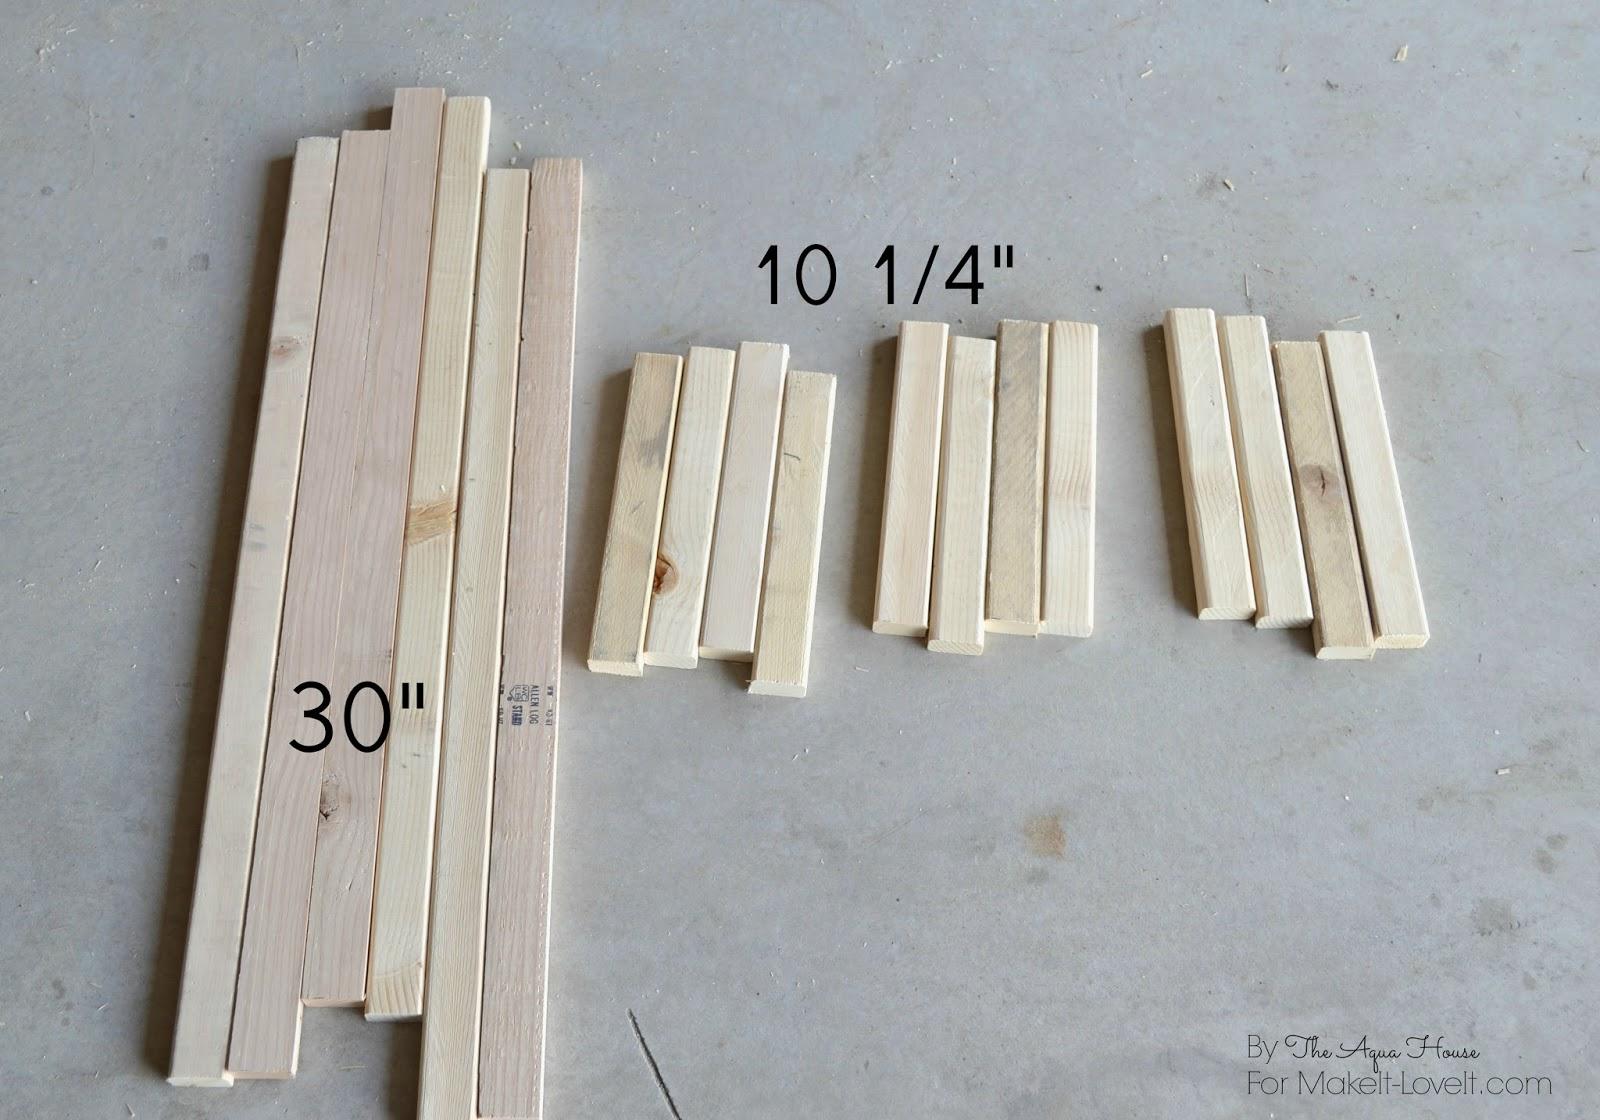 DIY floating shelves (makeit-loveit.com)